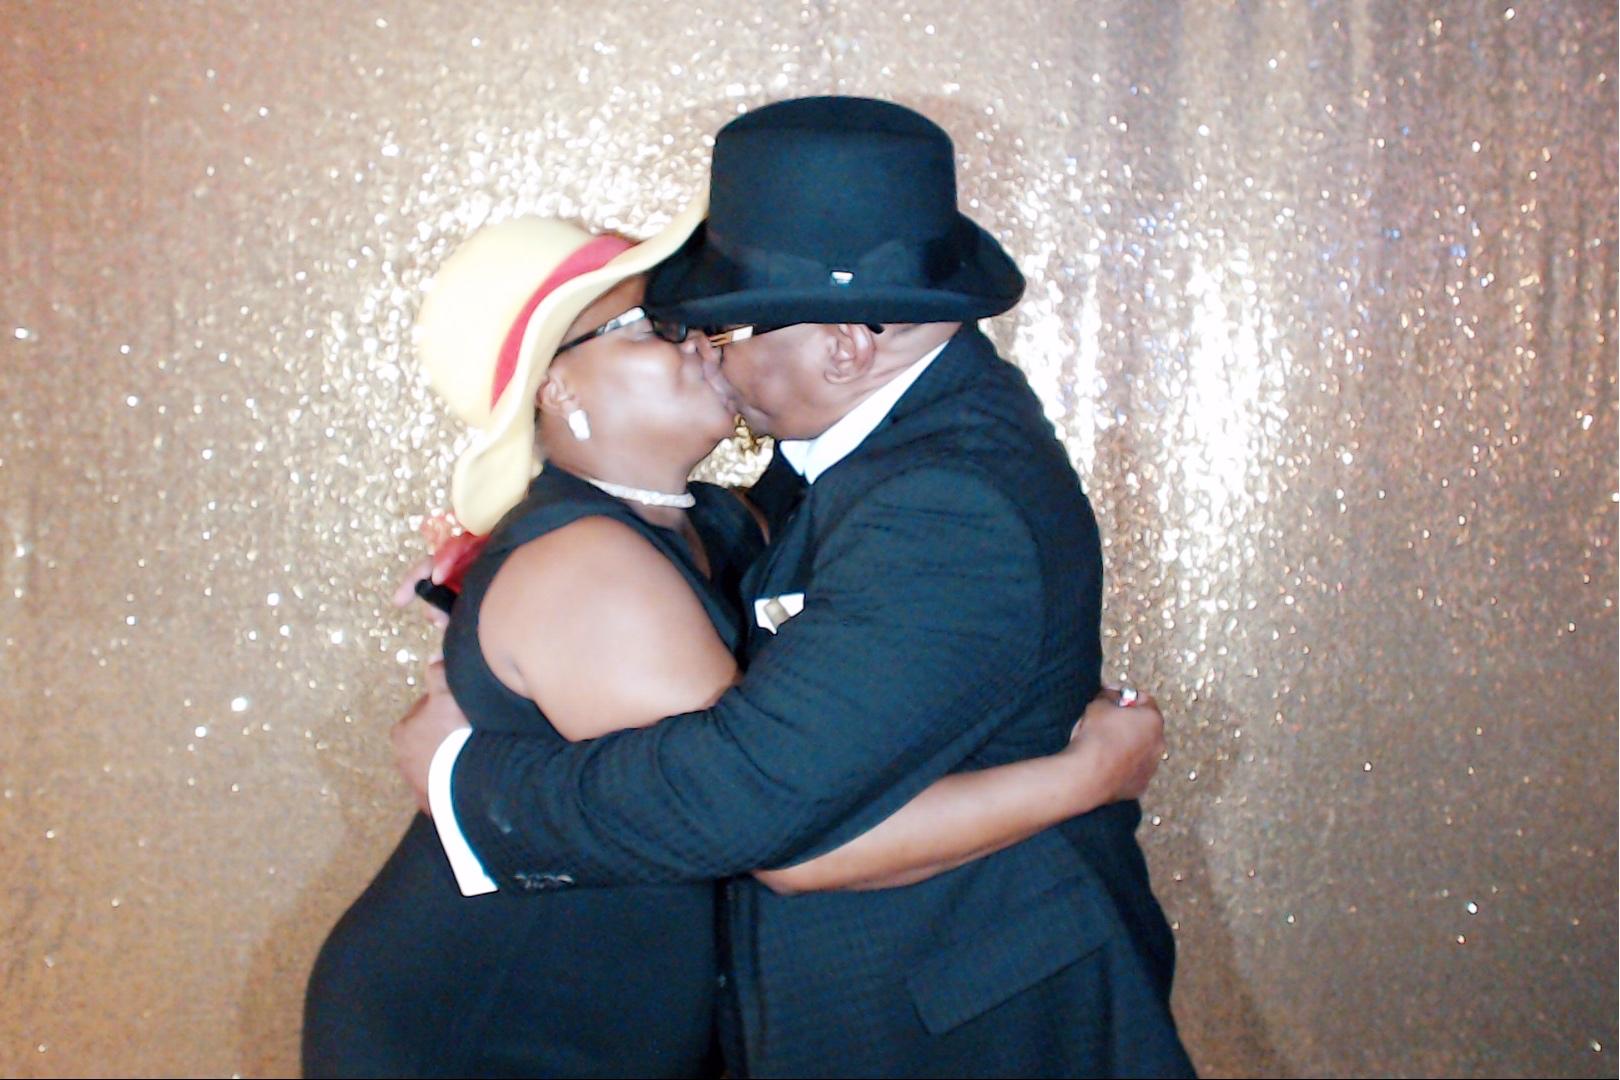 WeddingCancunPhotoBooth0069